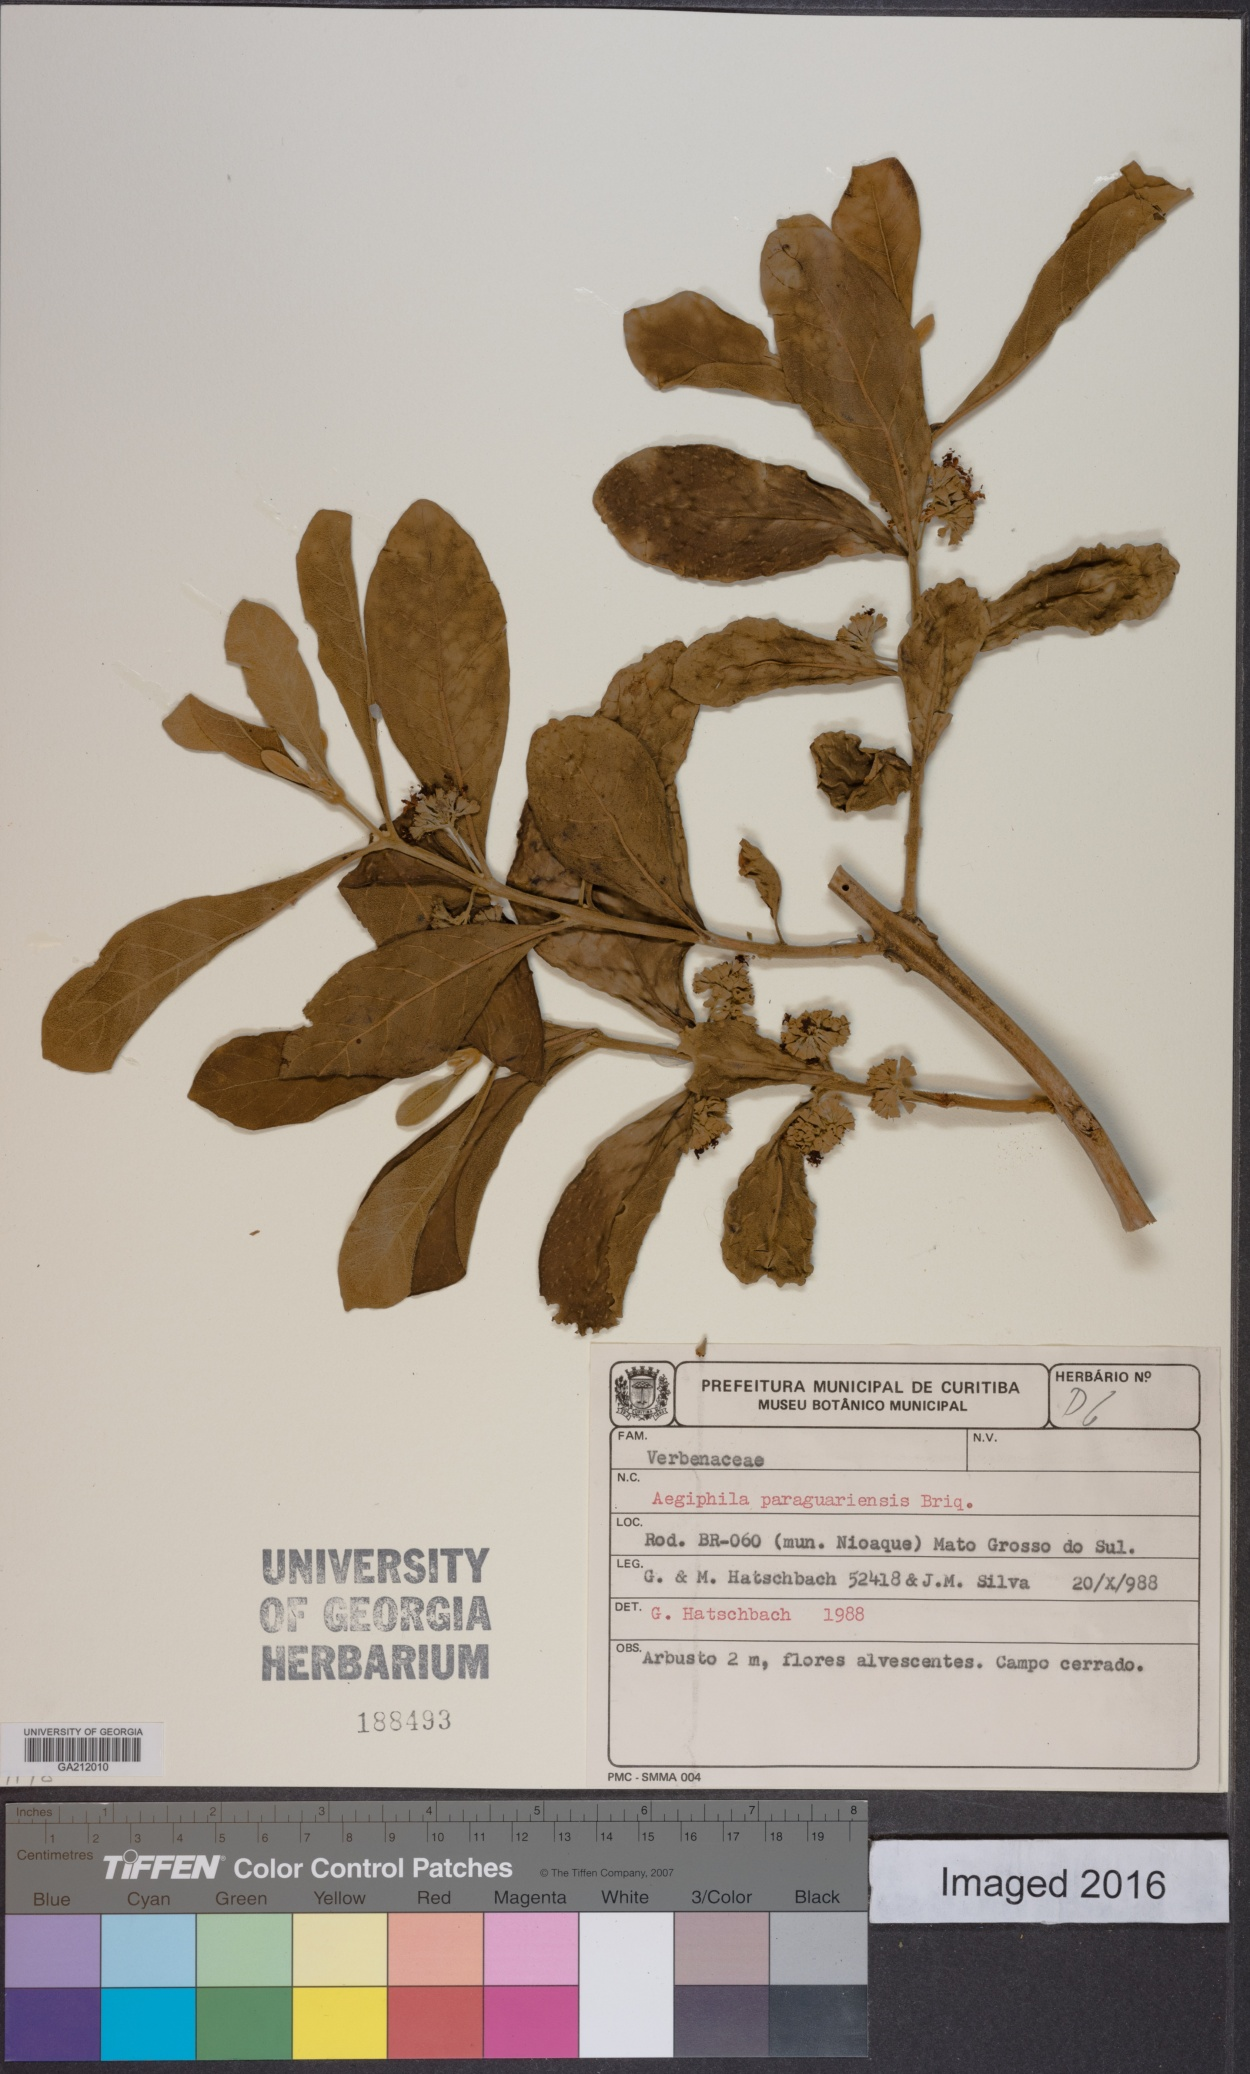 Aegiphila paraguariensis image